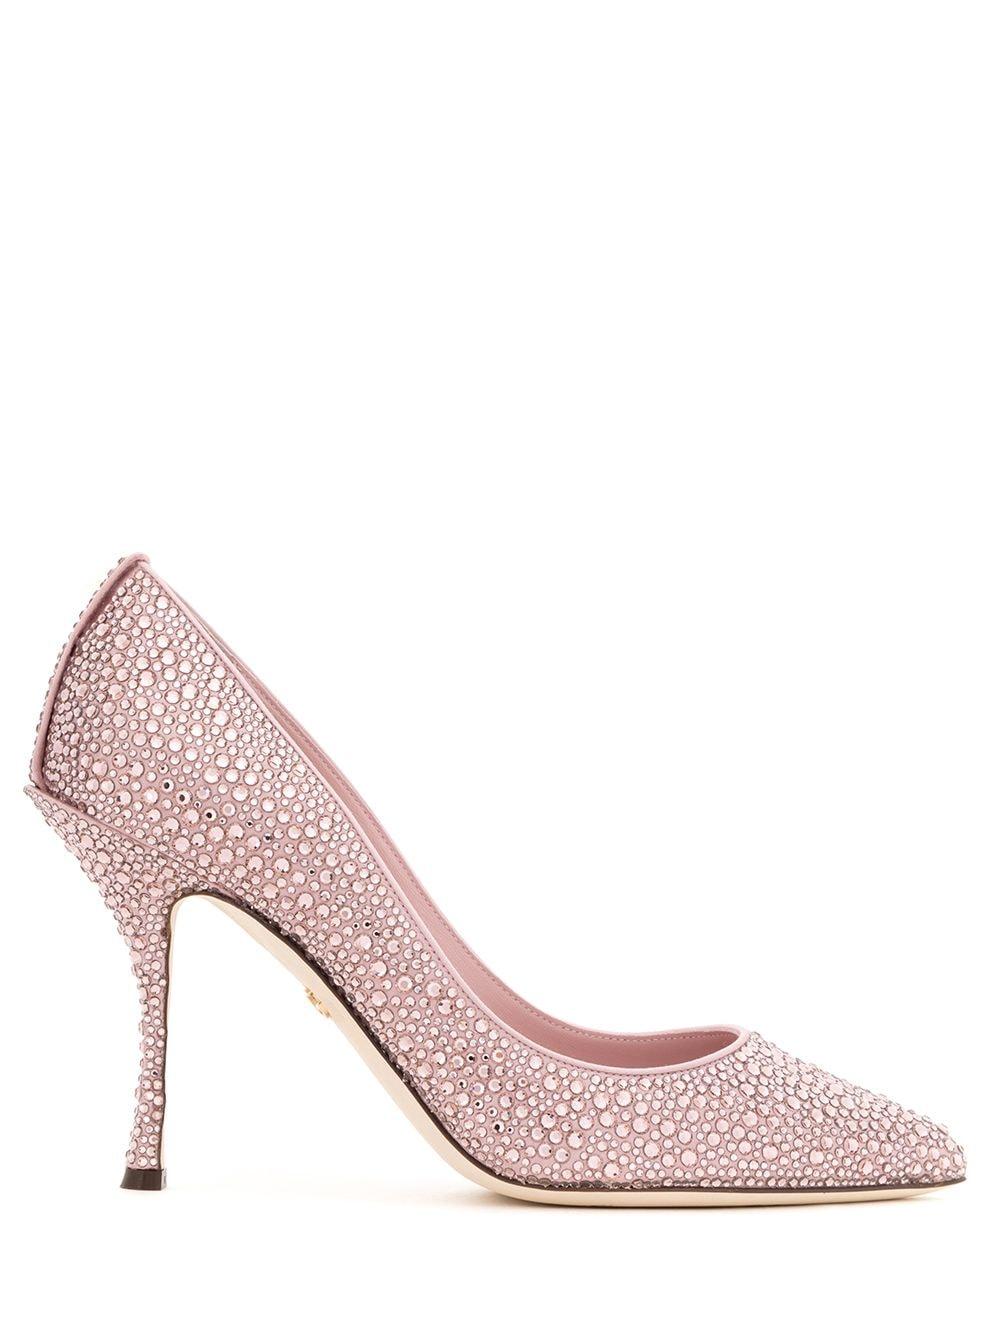 Dolce & Gabbana Pumps mit Kristallen - Rosa